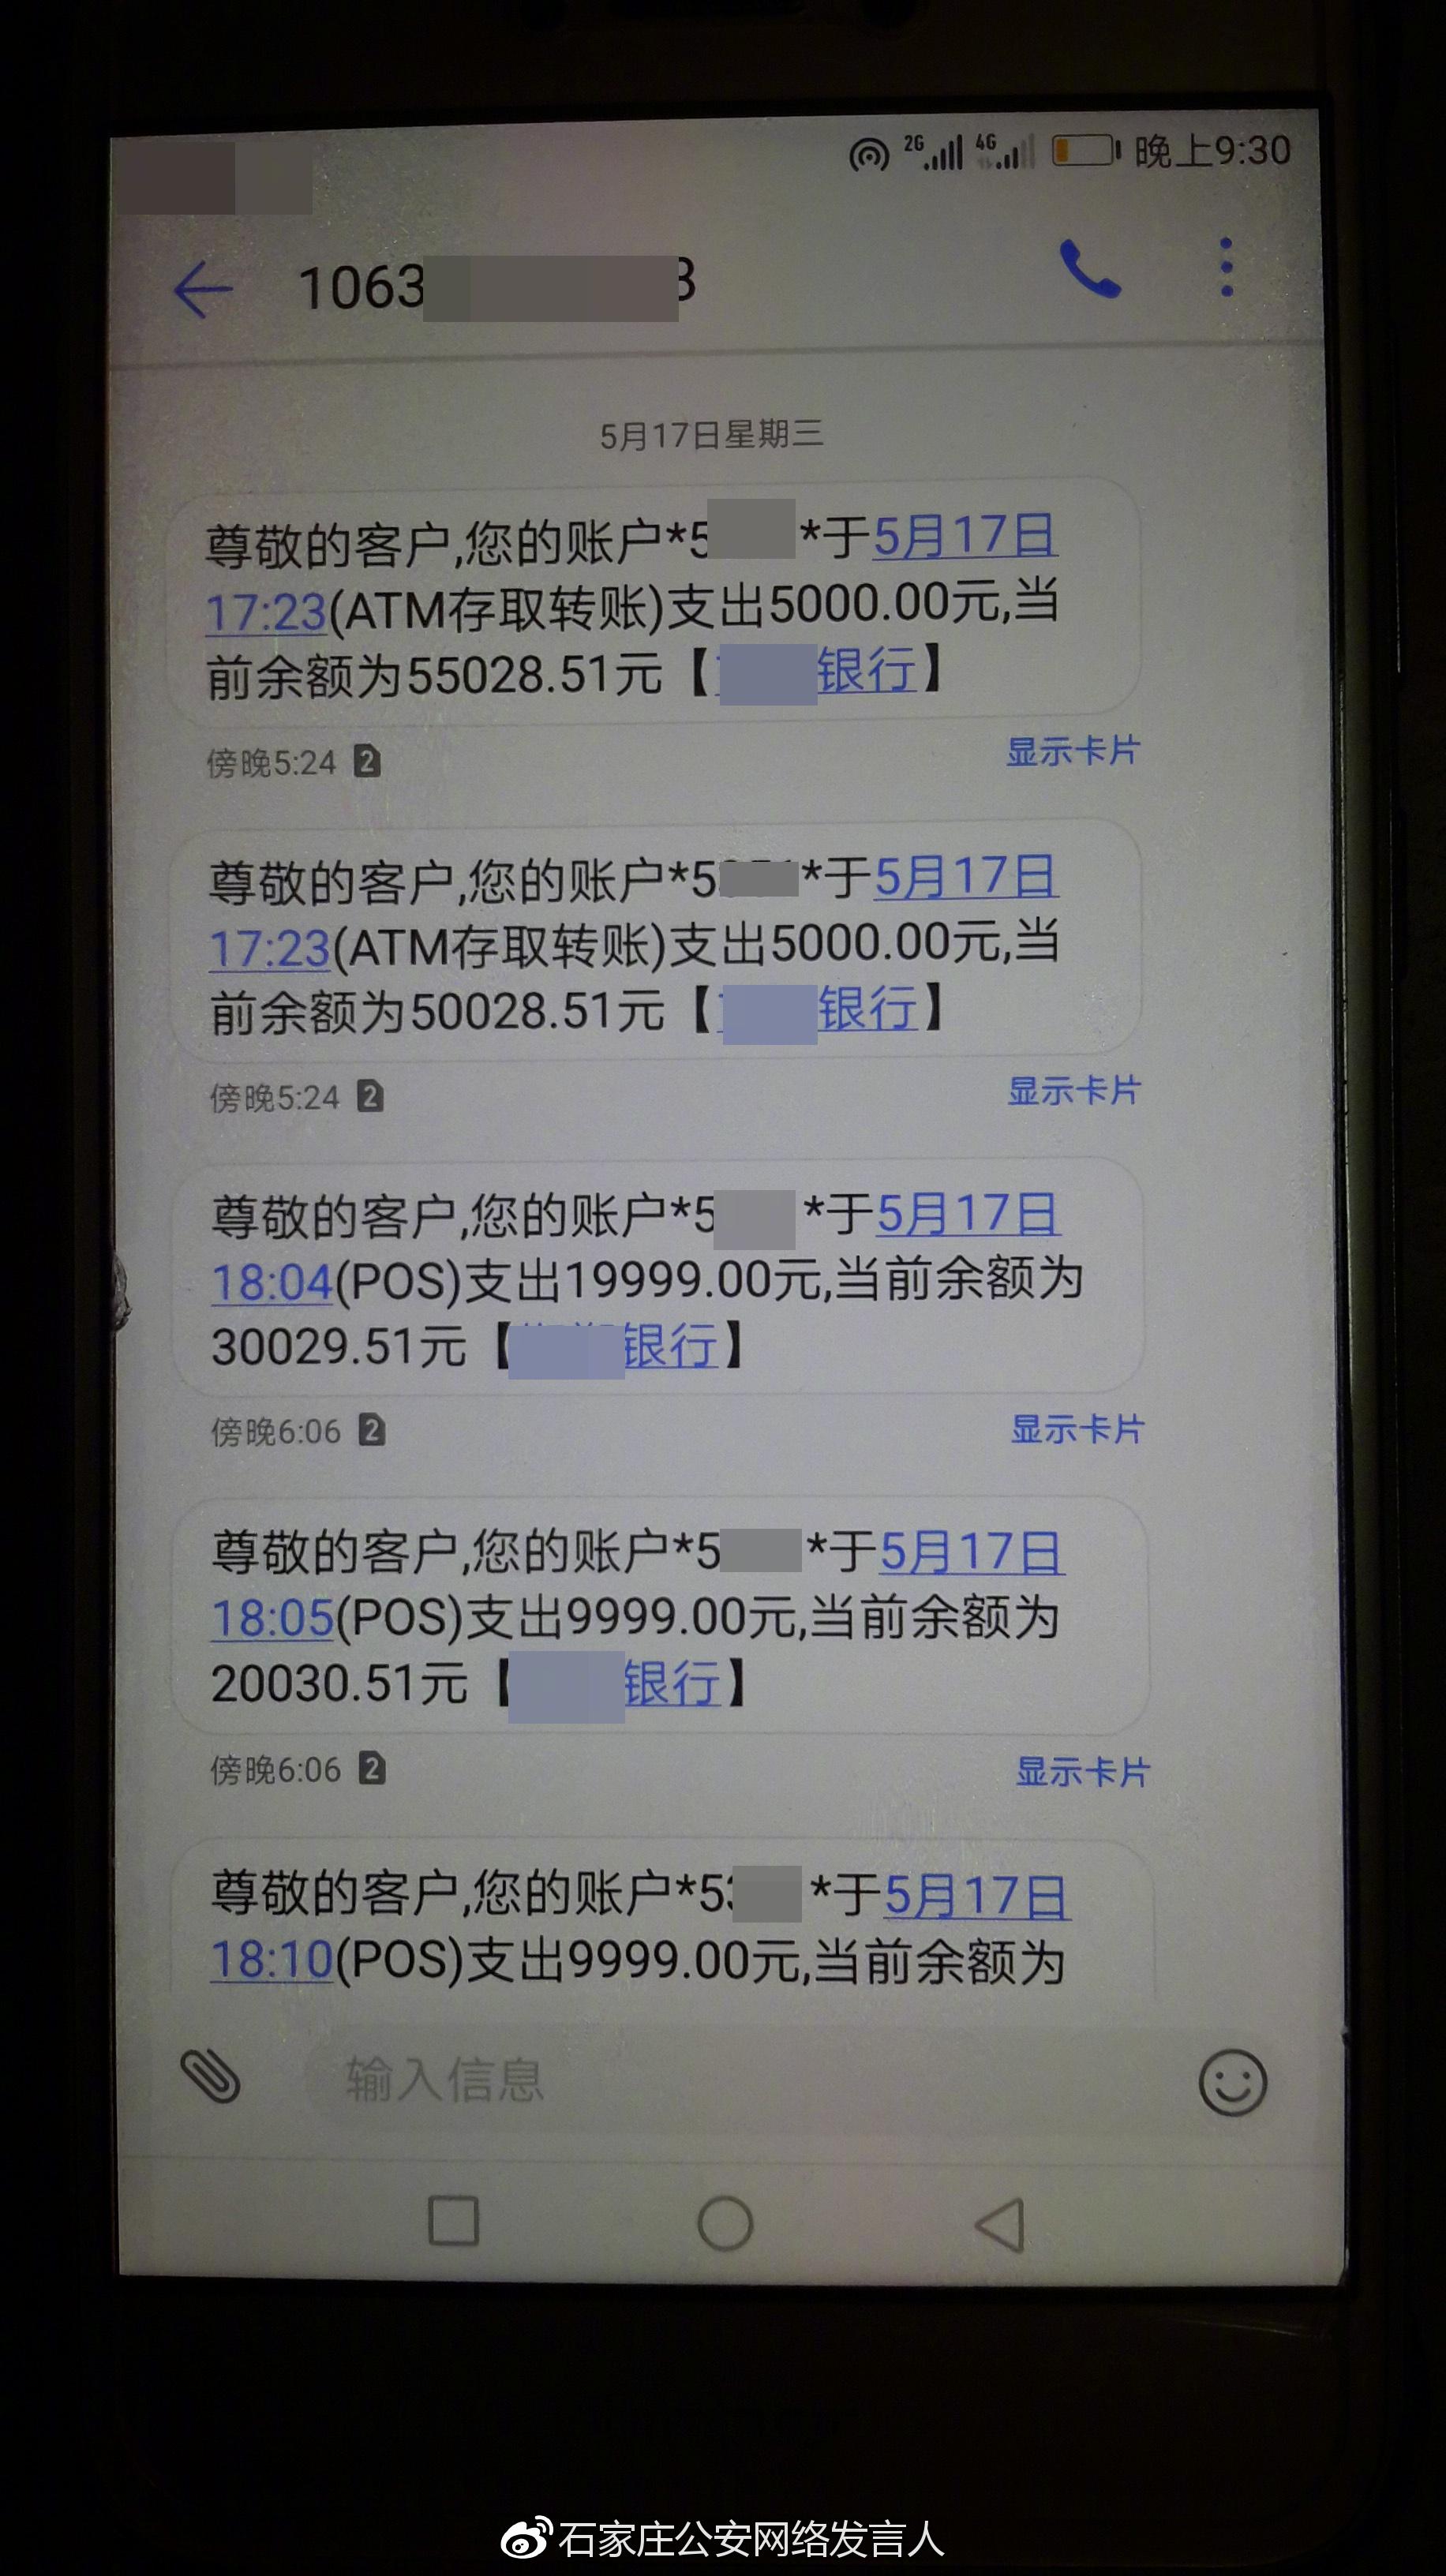 受害人收到的银行卡余额变动提醒短信